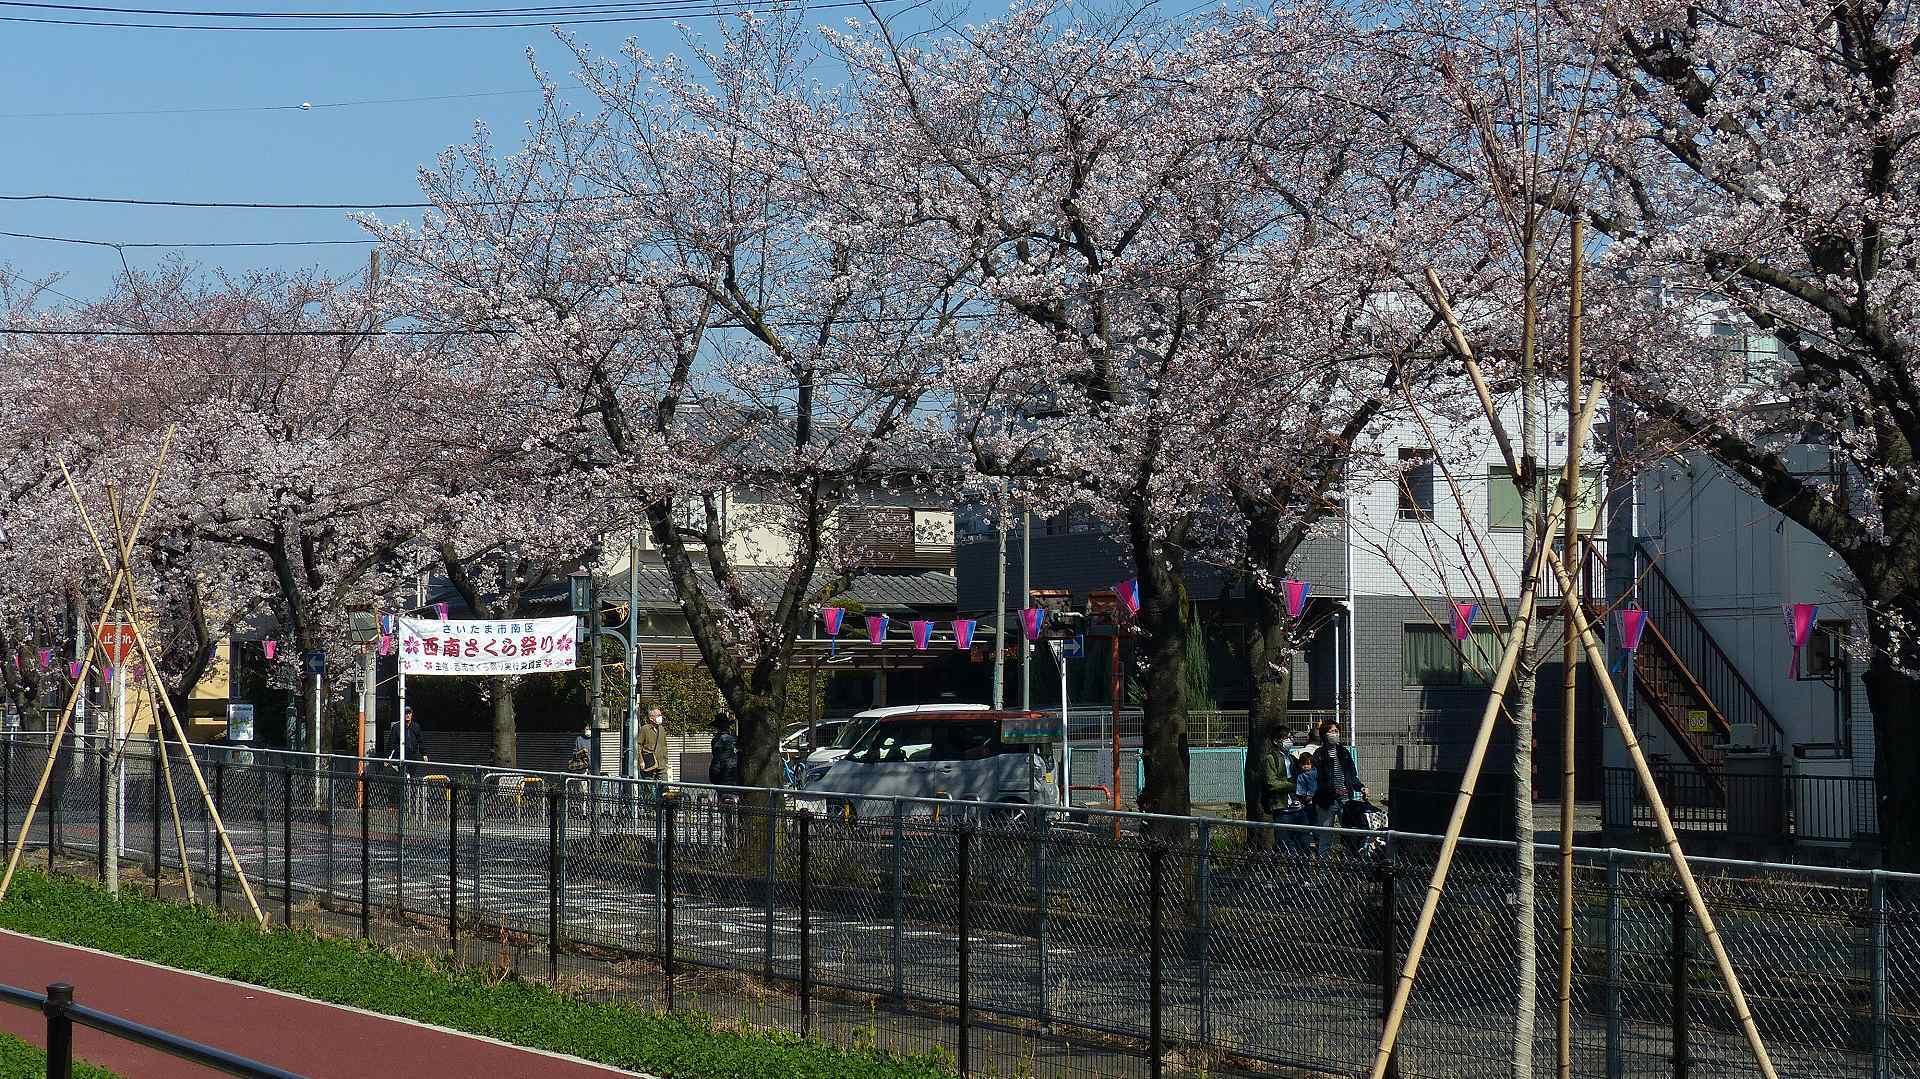 桜の便りに誘われて 【 2018 3/25(日) 】_a0185081_15133172.jpg